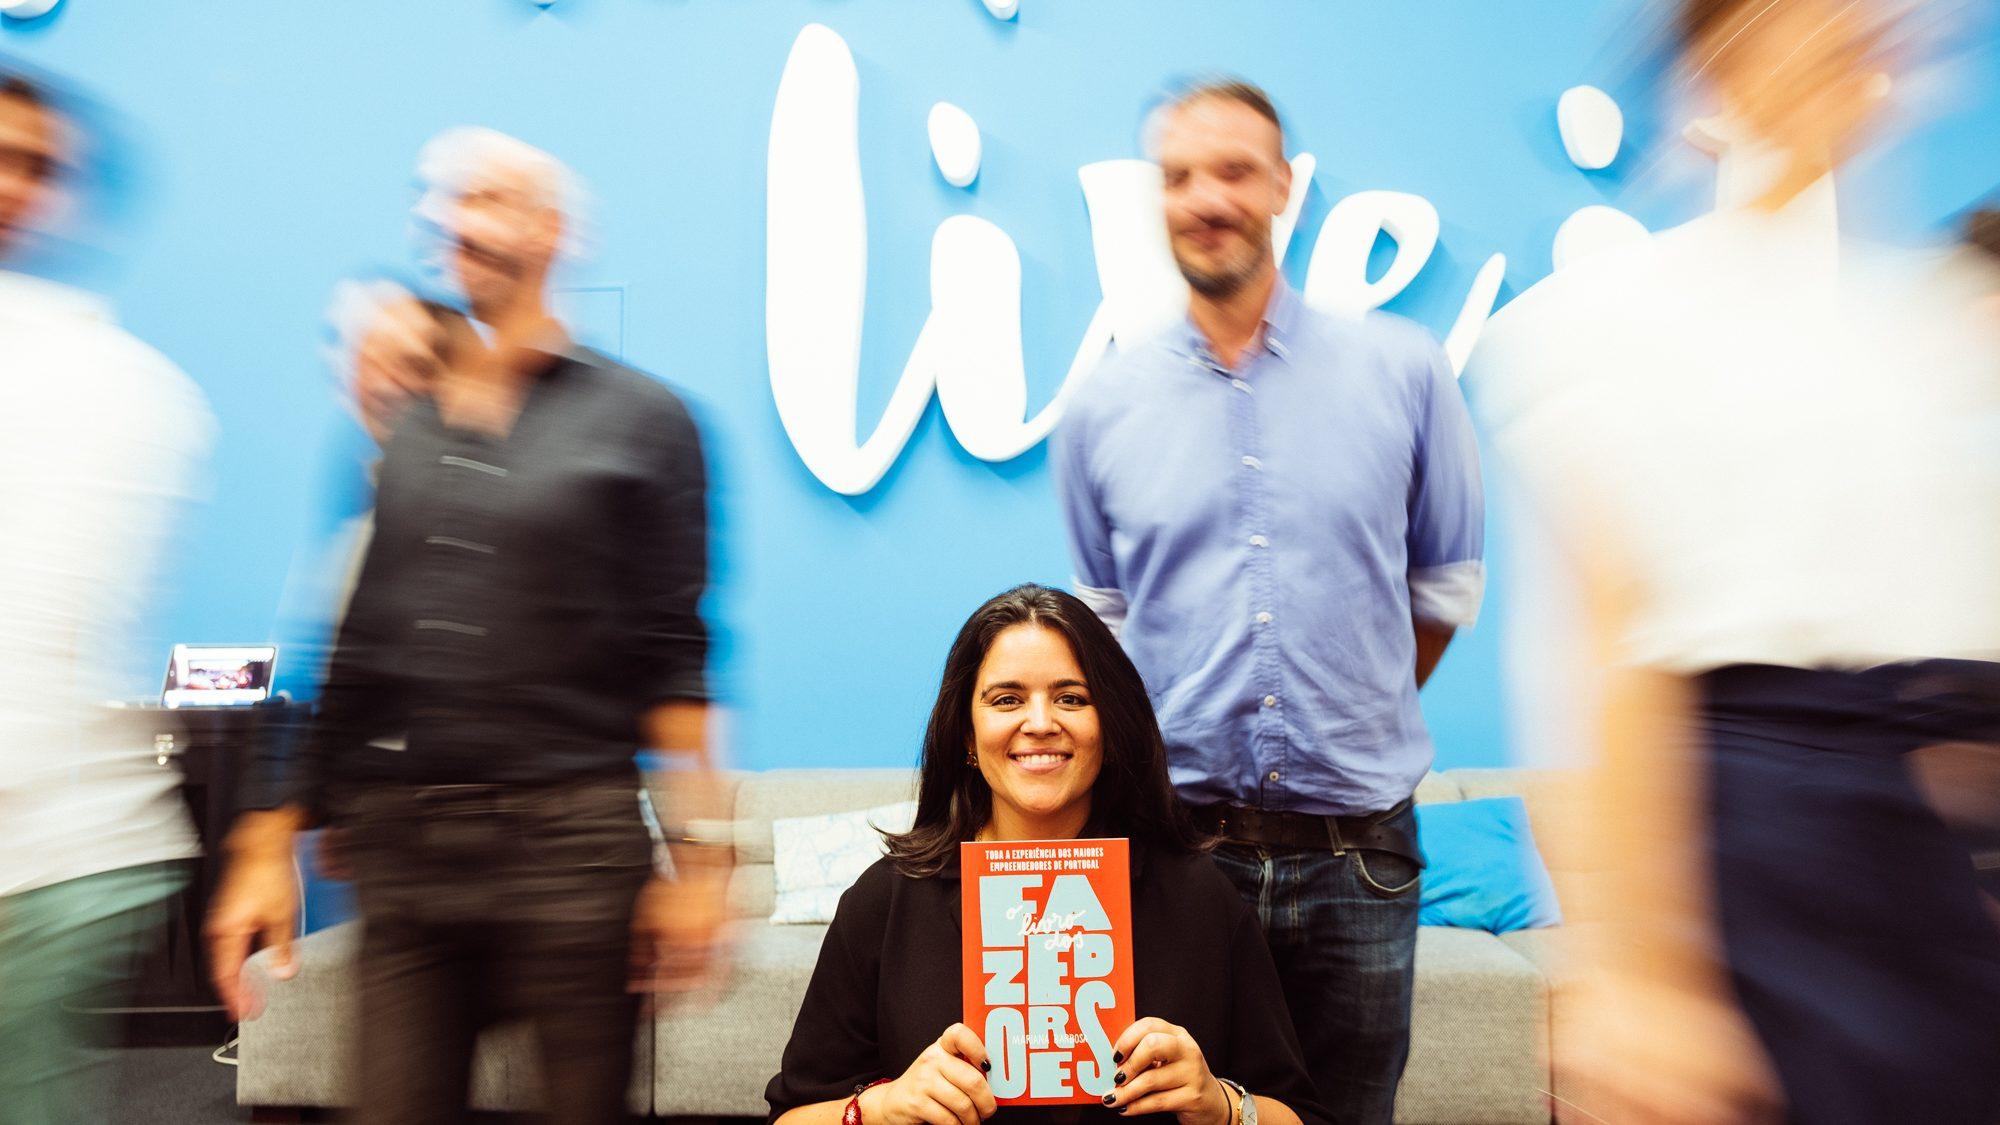 O livro dos fazedores: dicas e aprendizagens de alguns dos maiores empreendedores portugueses